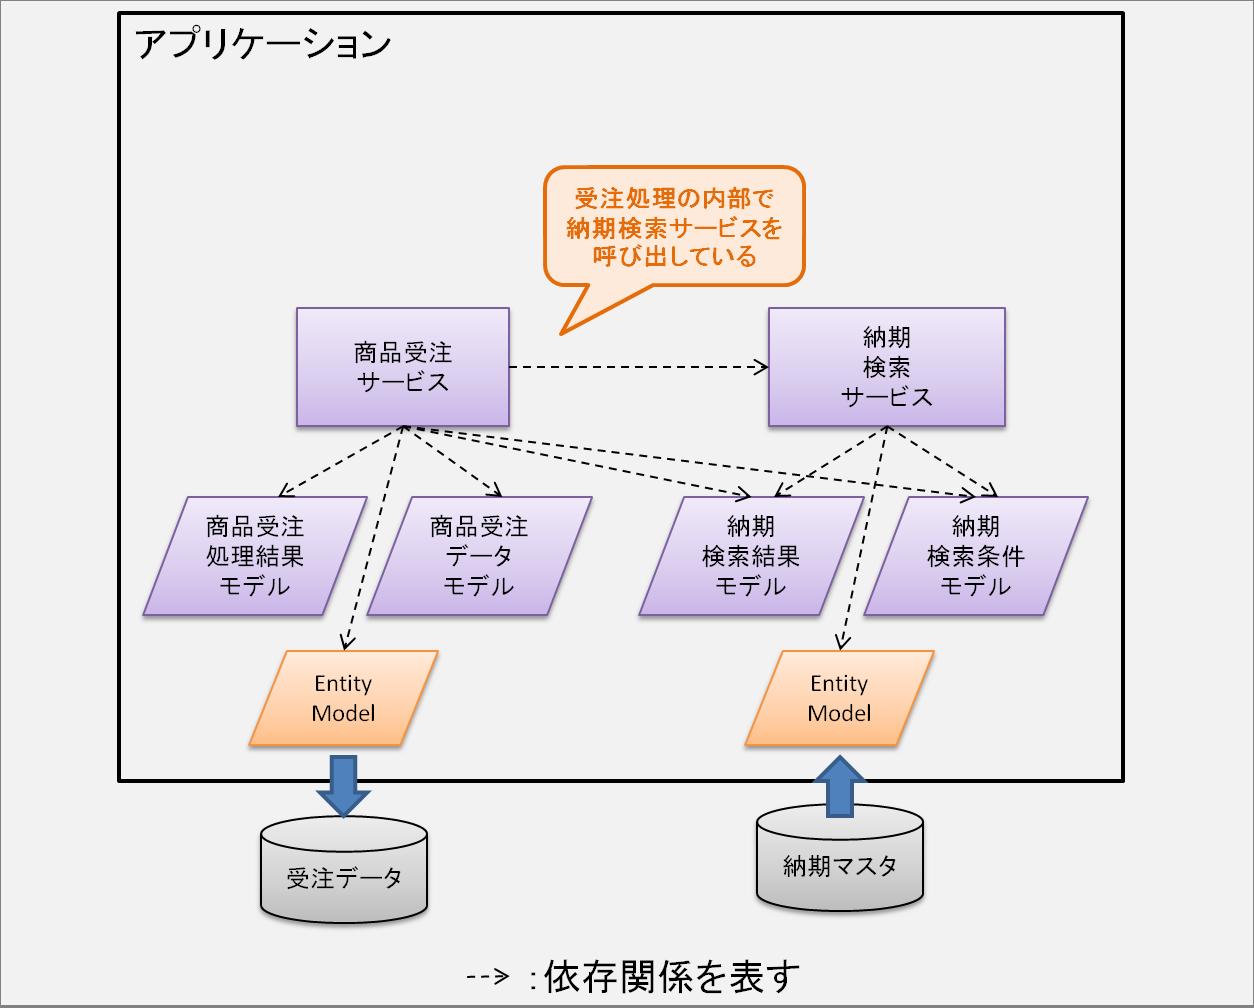 図9.png